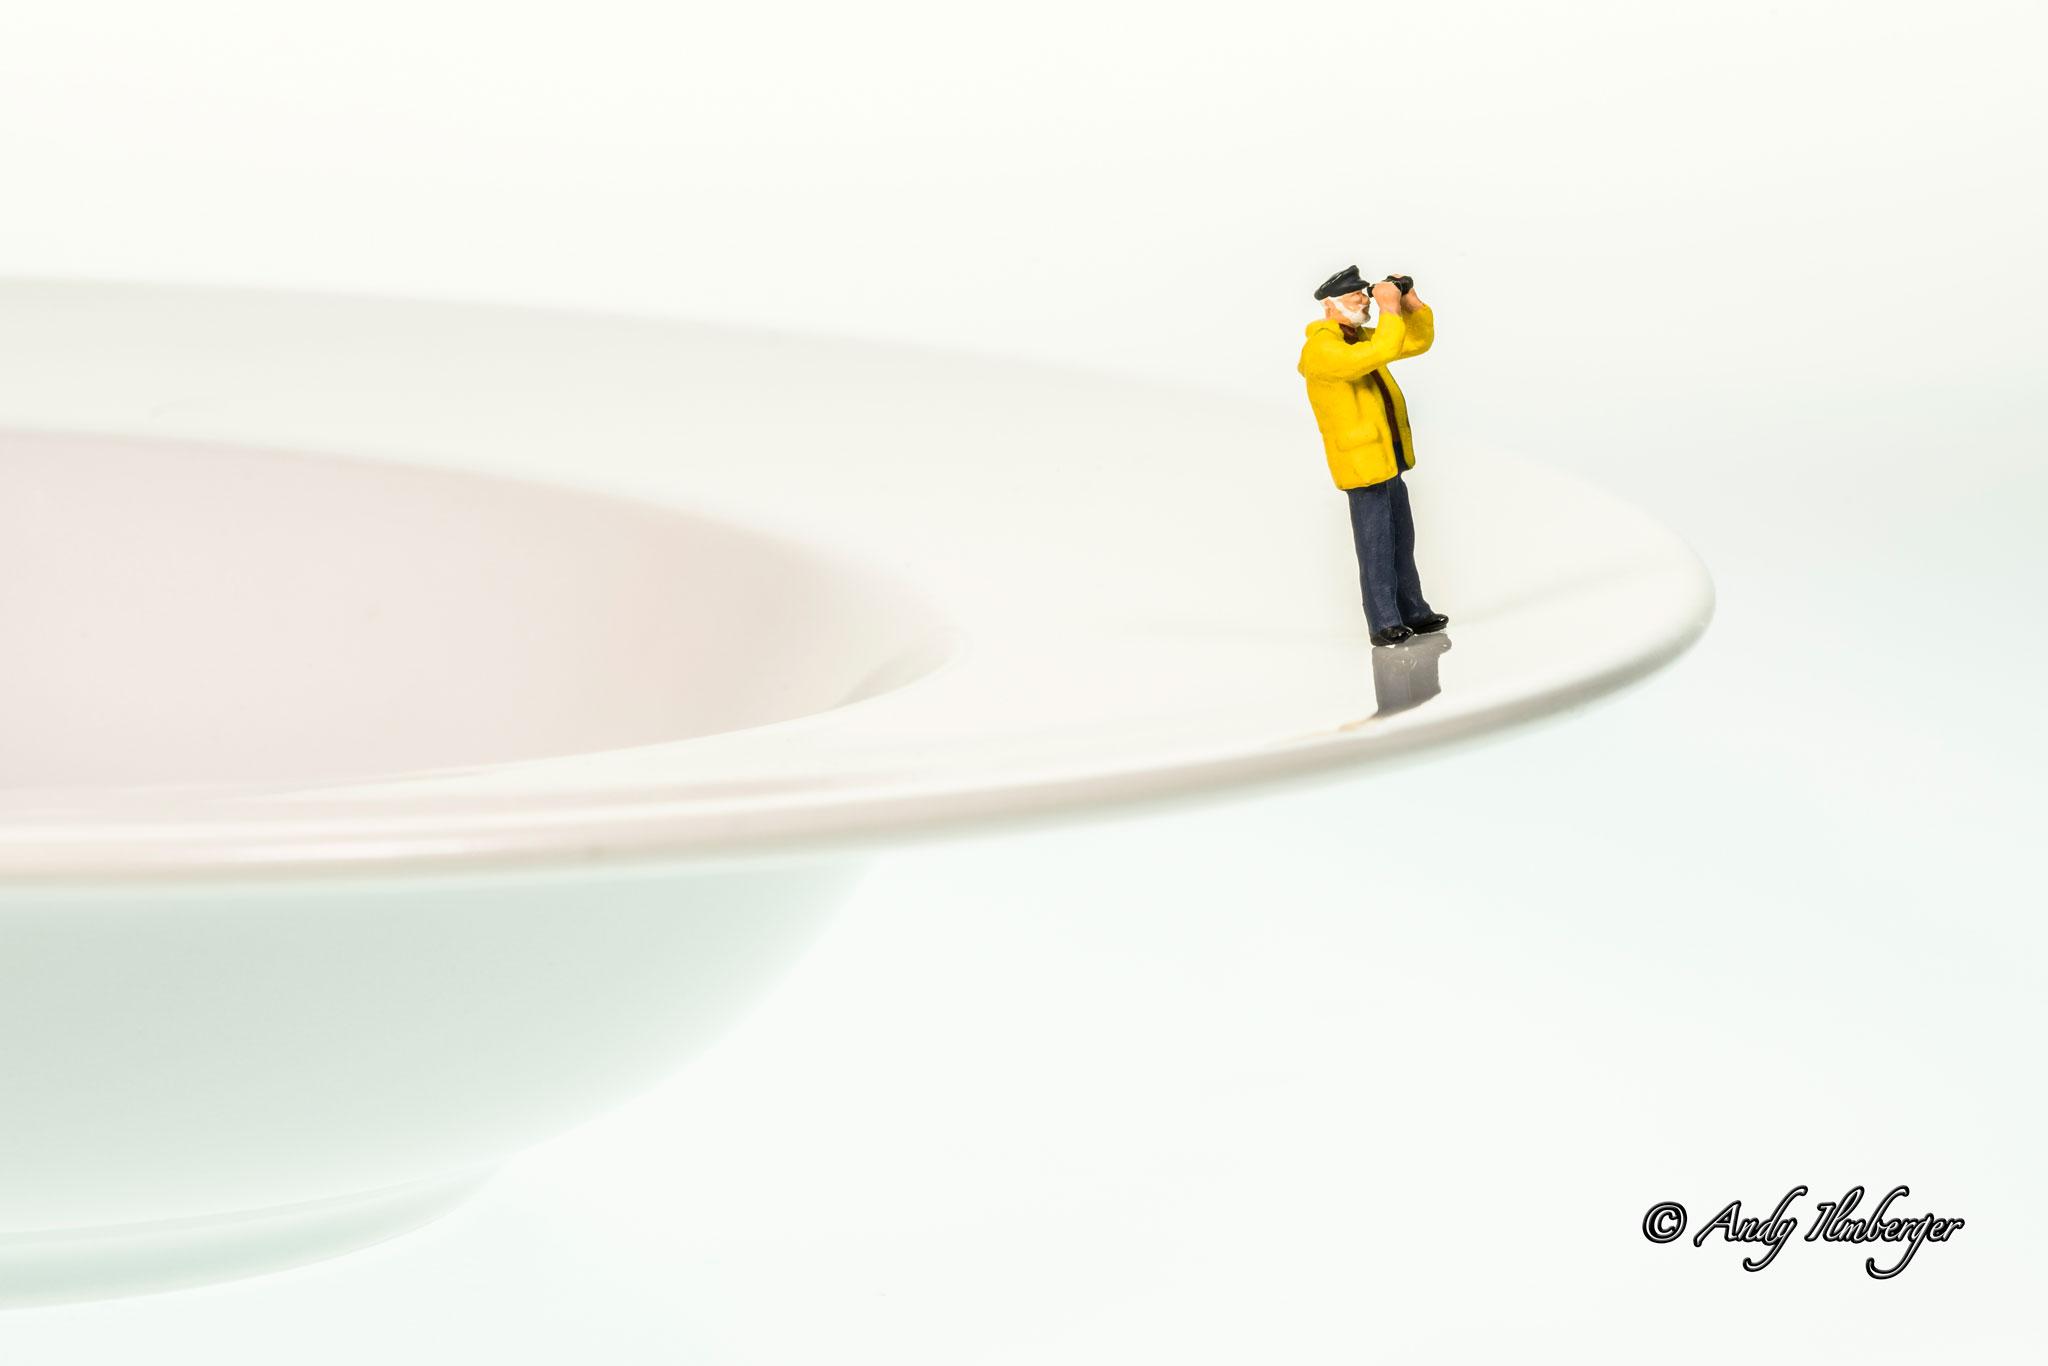 H0-Helden - Über den Tellerrand blicken - H0-Figuren in Szene gesetzt von © Andy Ilmberger im Kleine-Helden.Club